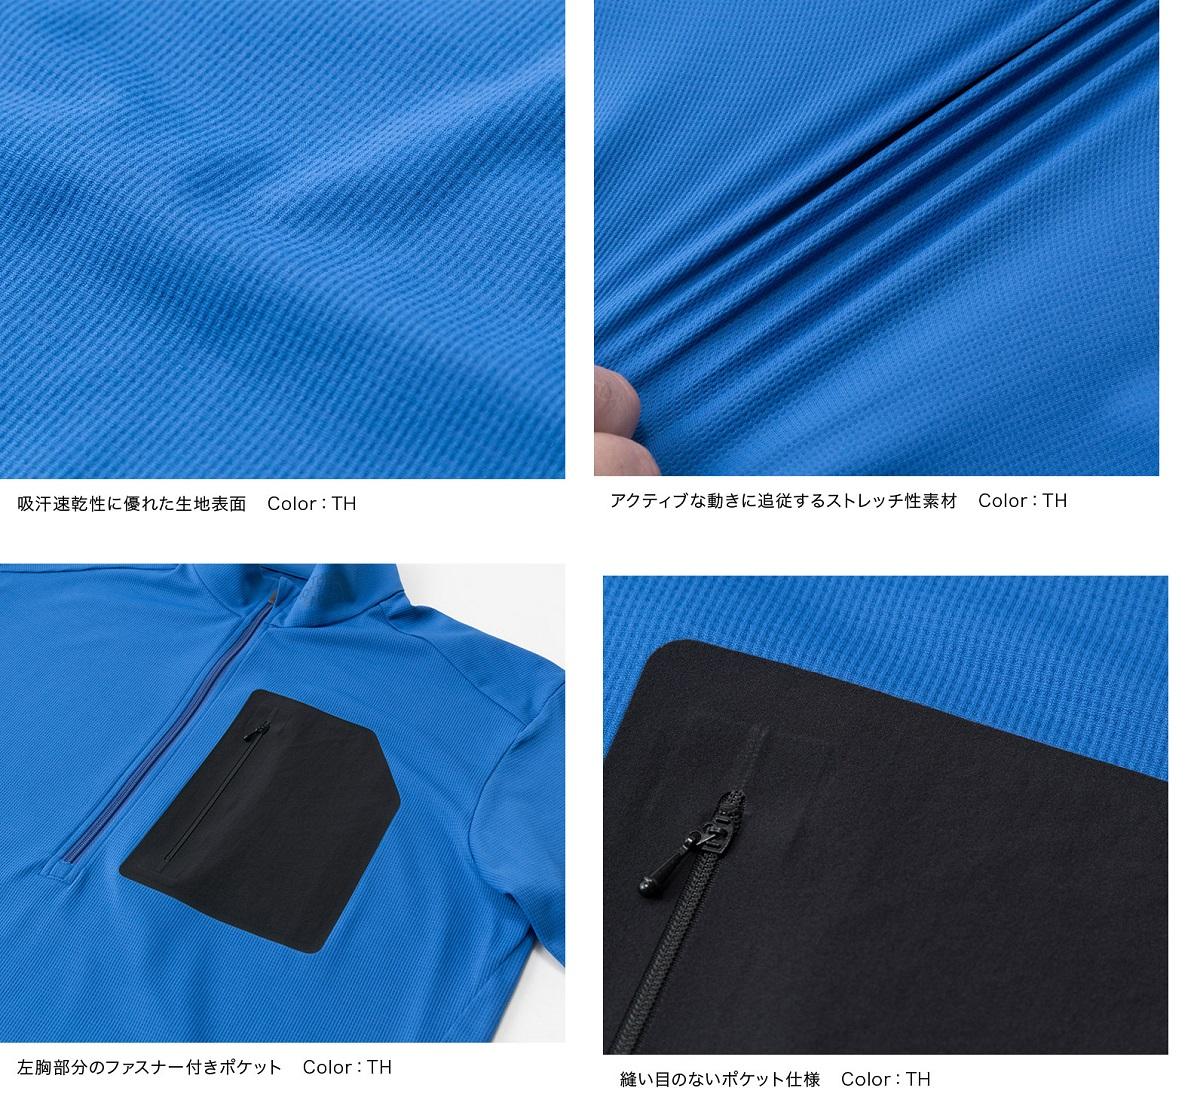 THE NORTH FACE (ノースフェイス) NT11802 (メンズ) ショートスリーブスーパーハイクジップアップ/S/S Superhike Zip Up/半袖ジップシャツ/2018SS